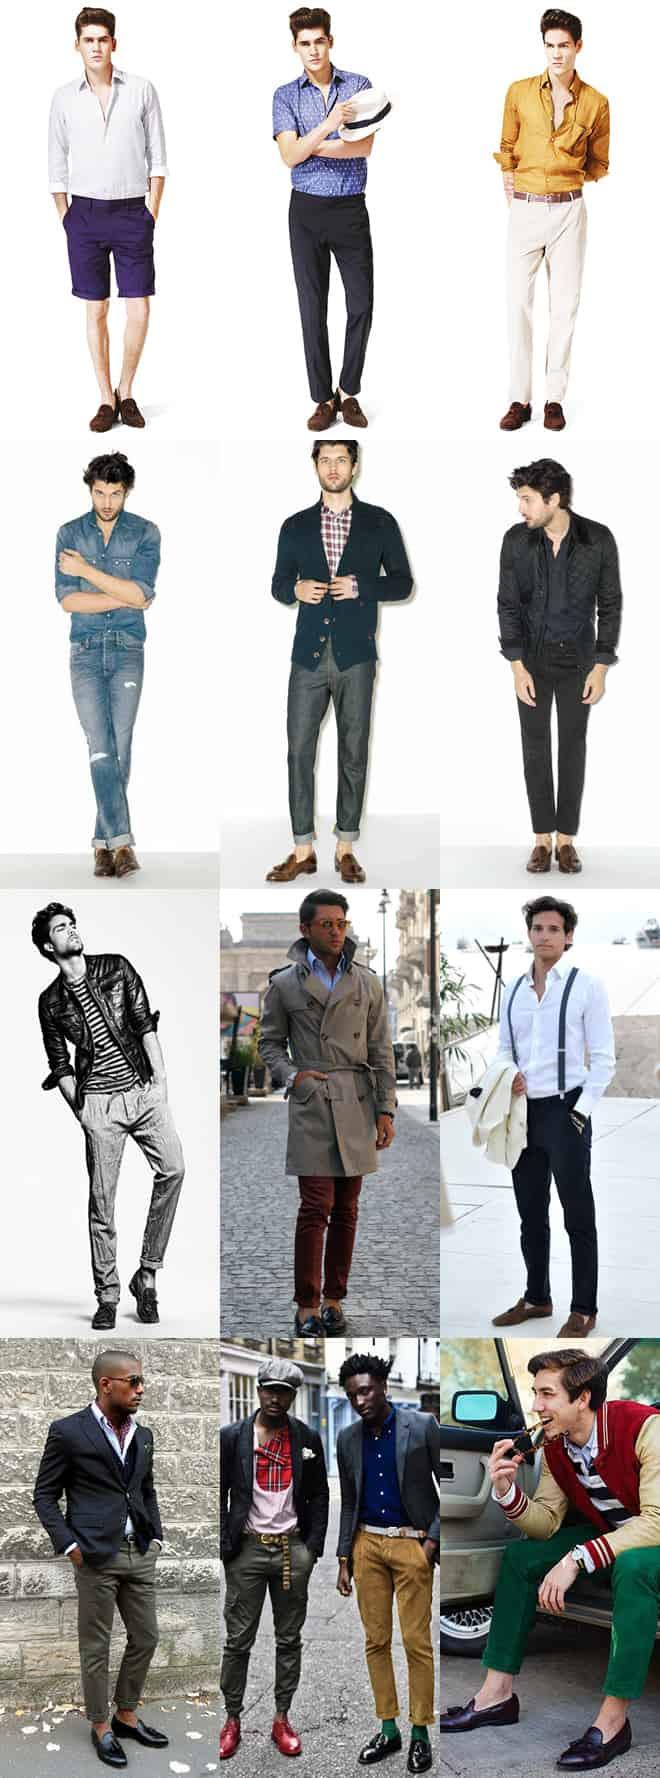 Men's Casual Tassel Loafers Lookbook